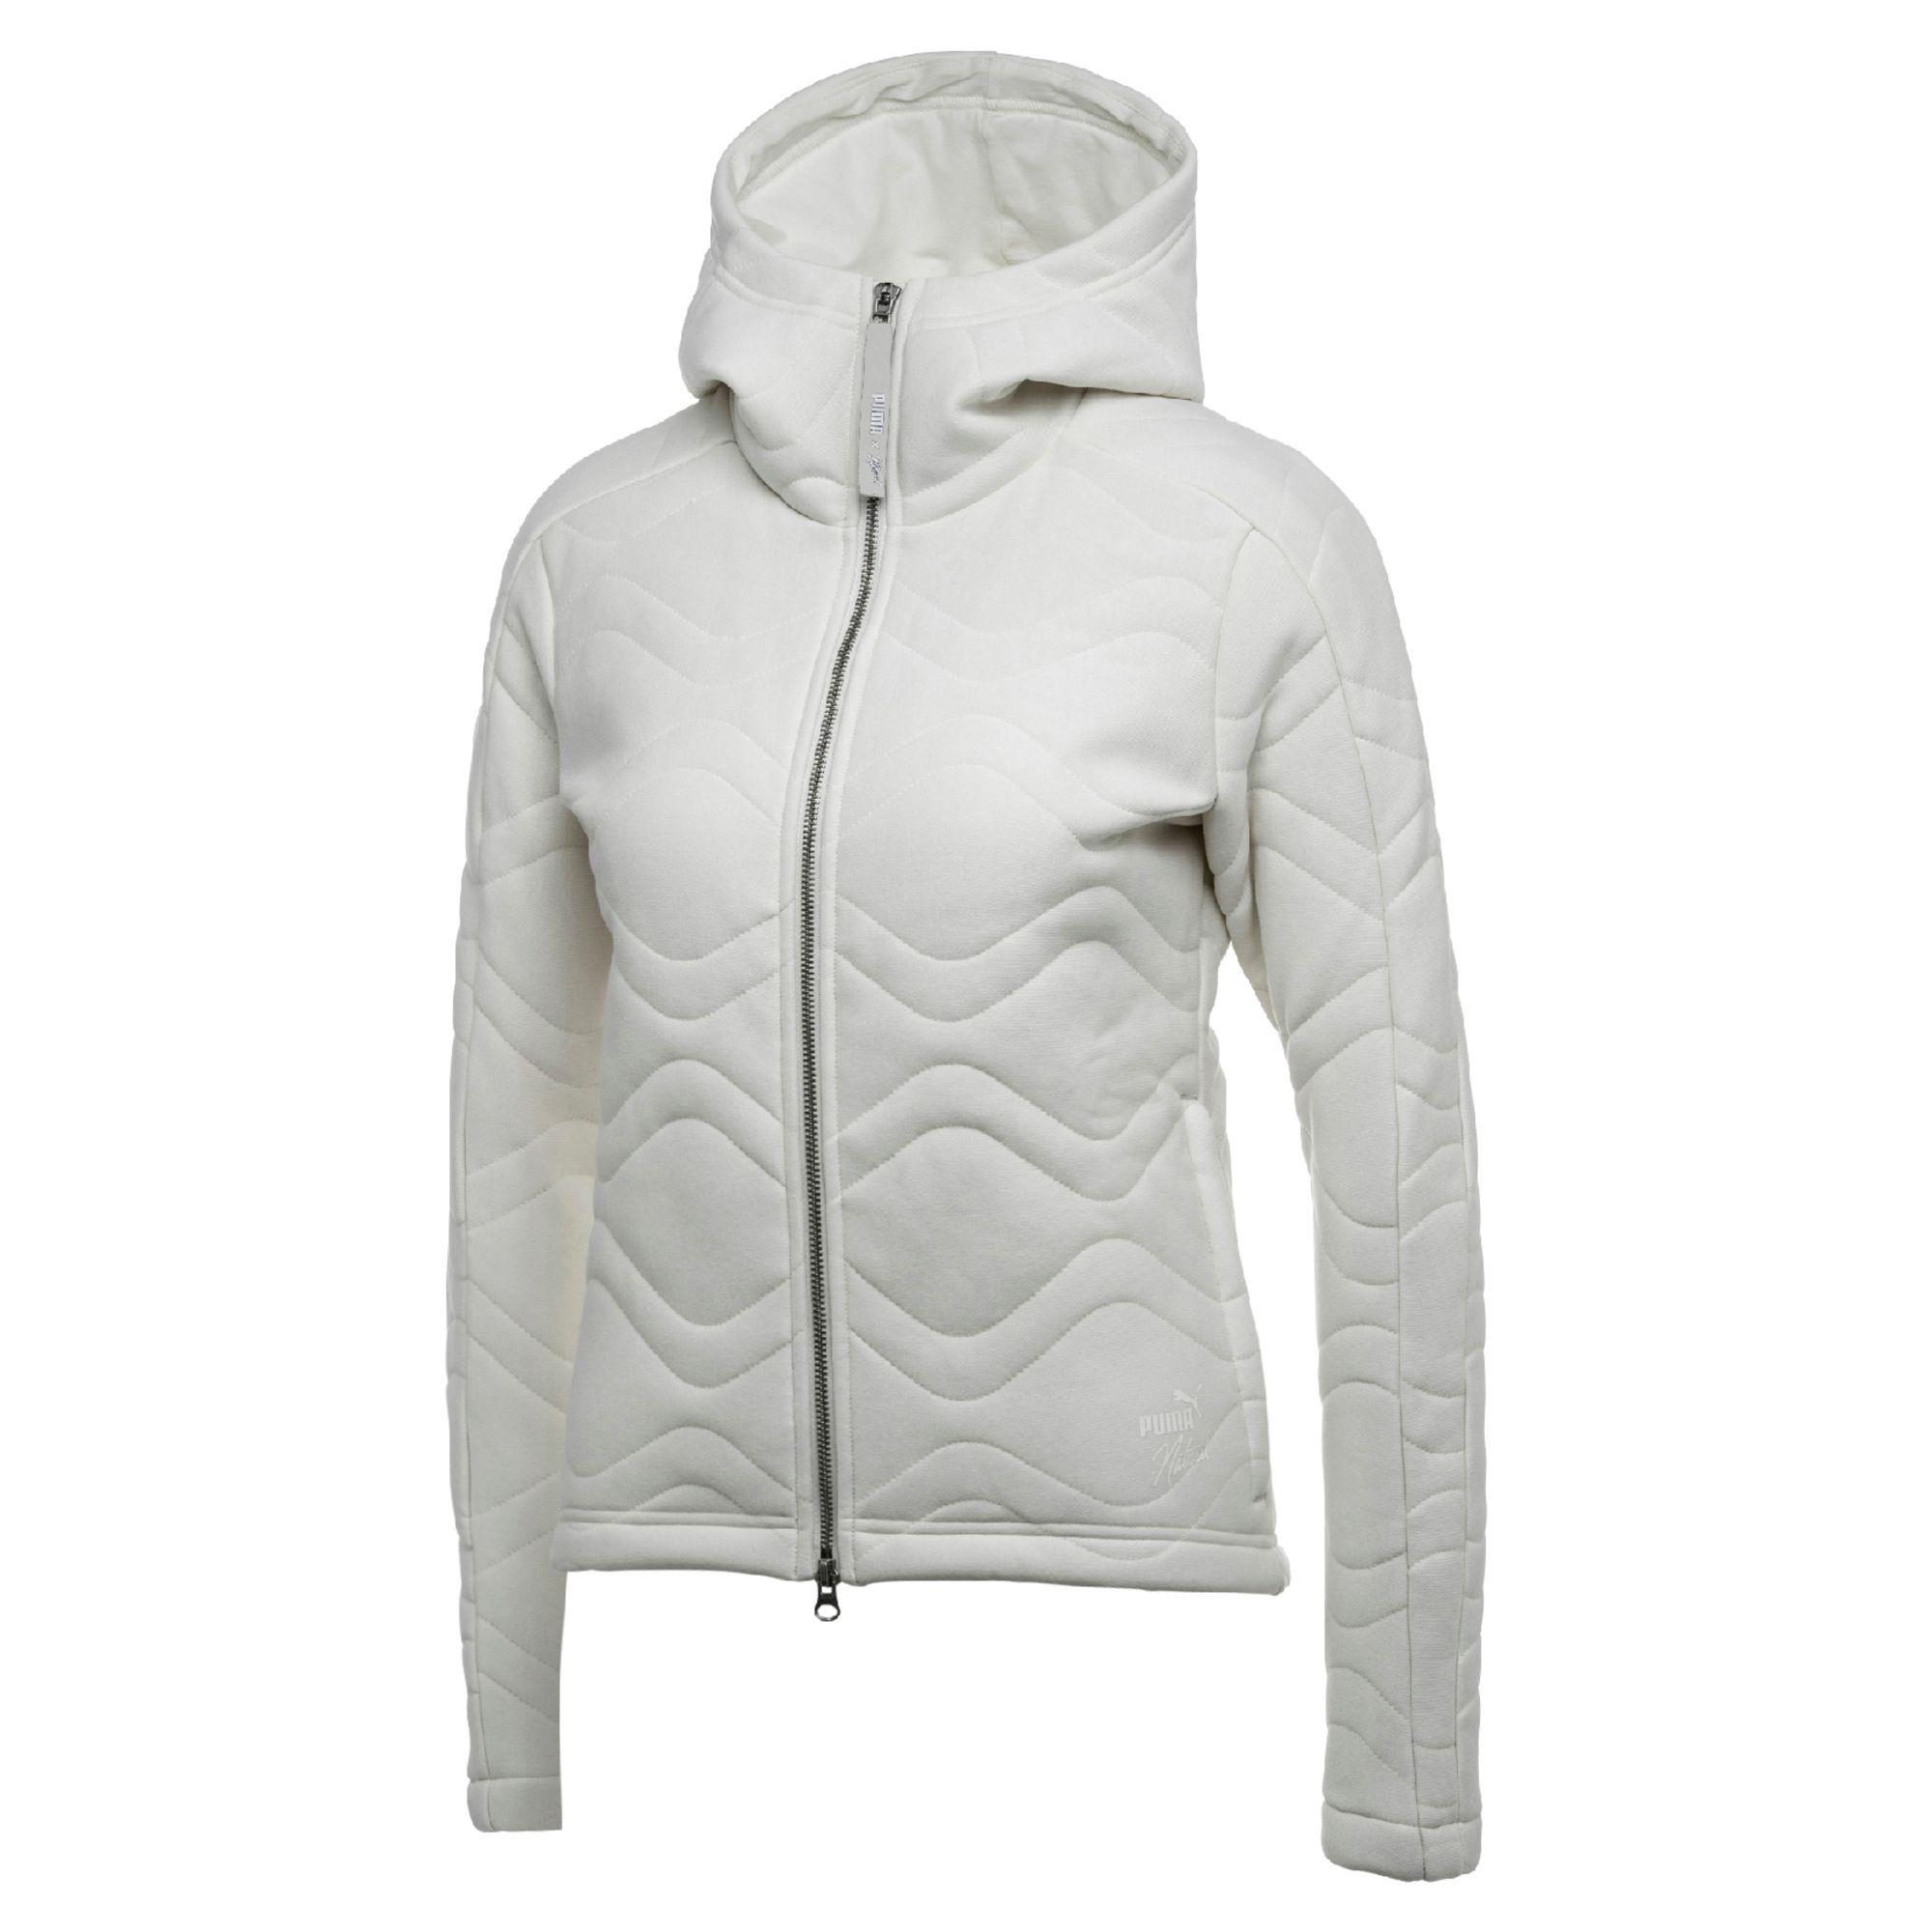 PUMA x NATUREL женская куртка с капюшоном